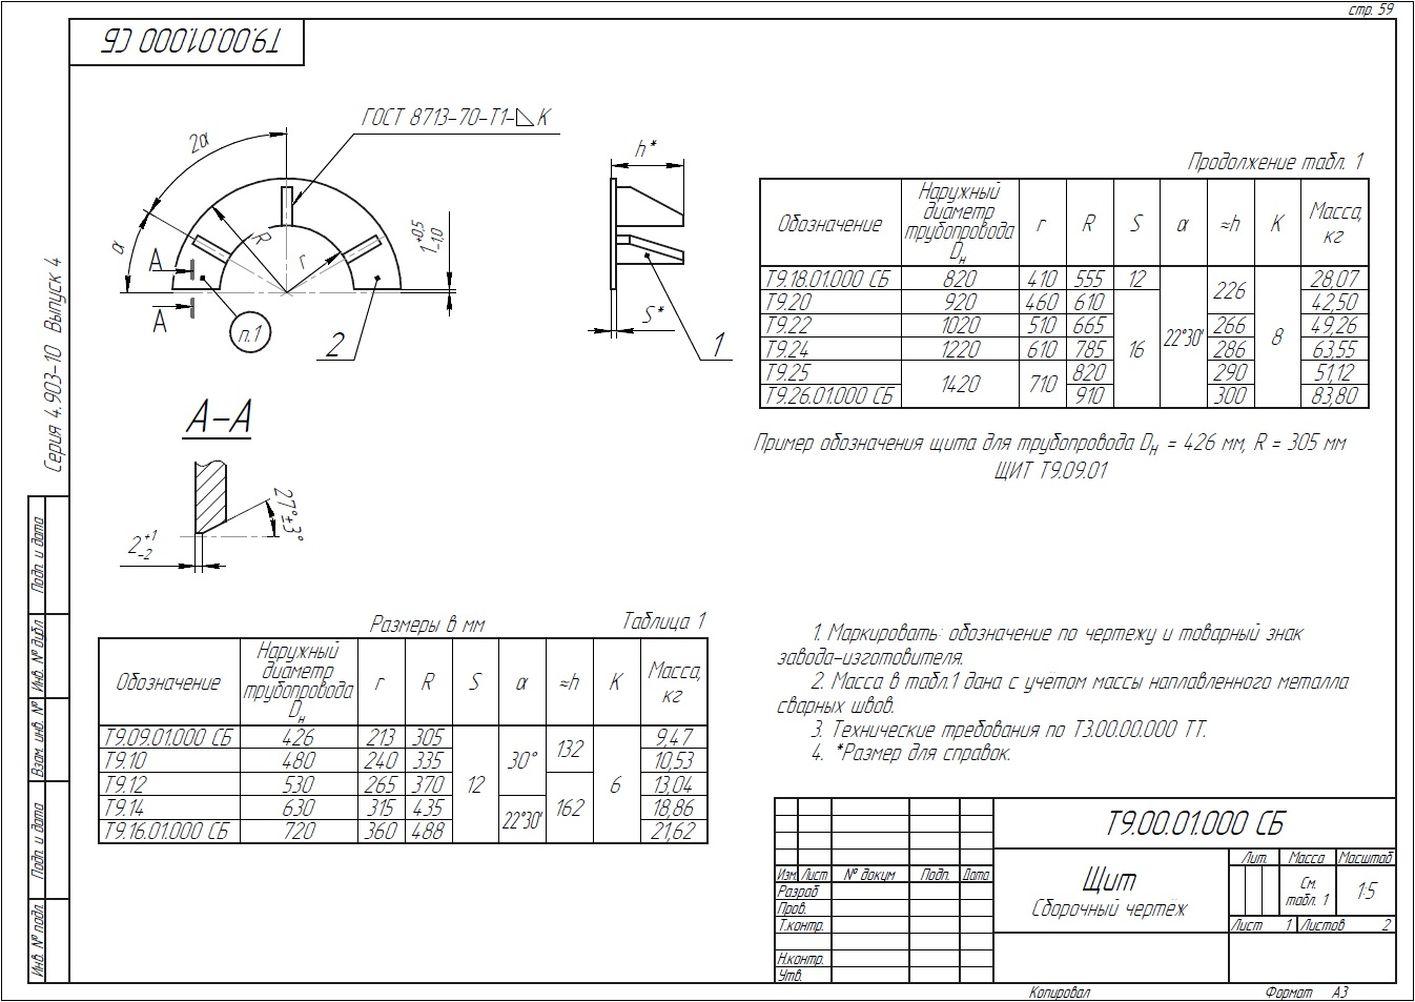 Опора неподвижная щитовая усиленная Т9 серия 4.903-10 вып.4 стр.6